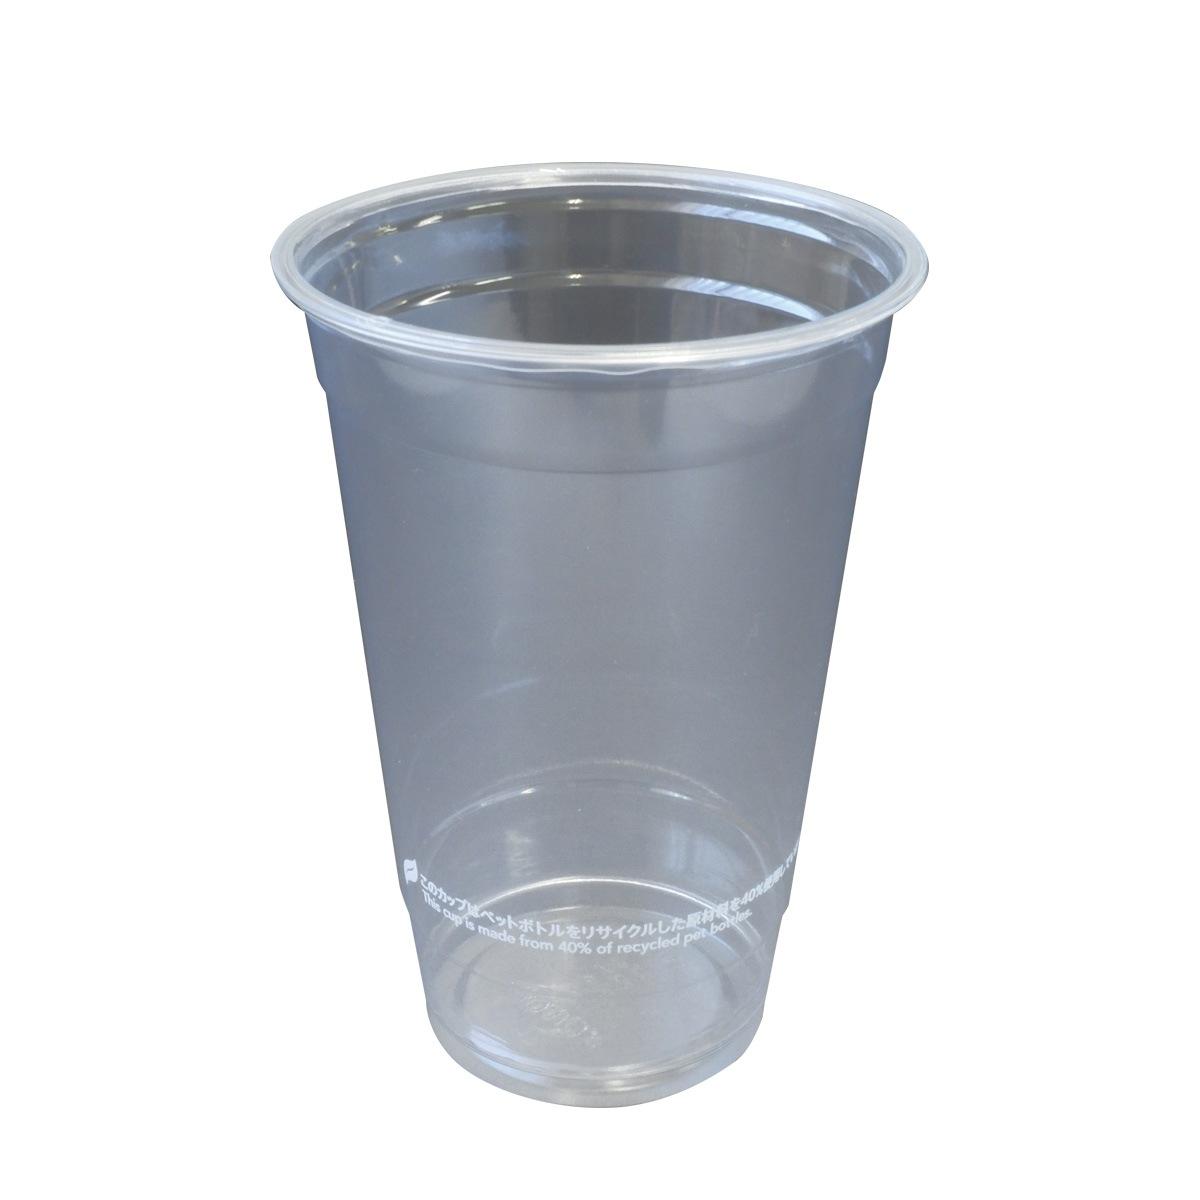 リサイクル HR-HTB16-92 PETカップ文言入[入数:1,000]